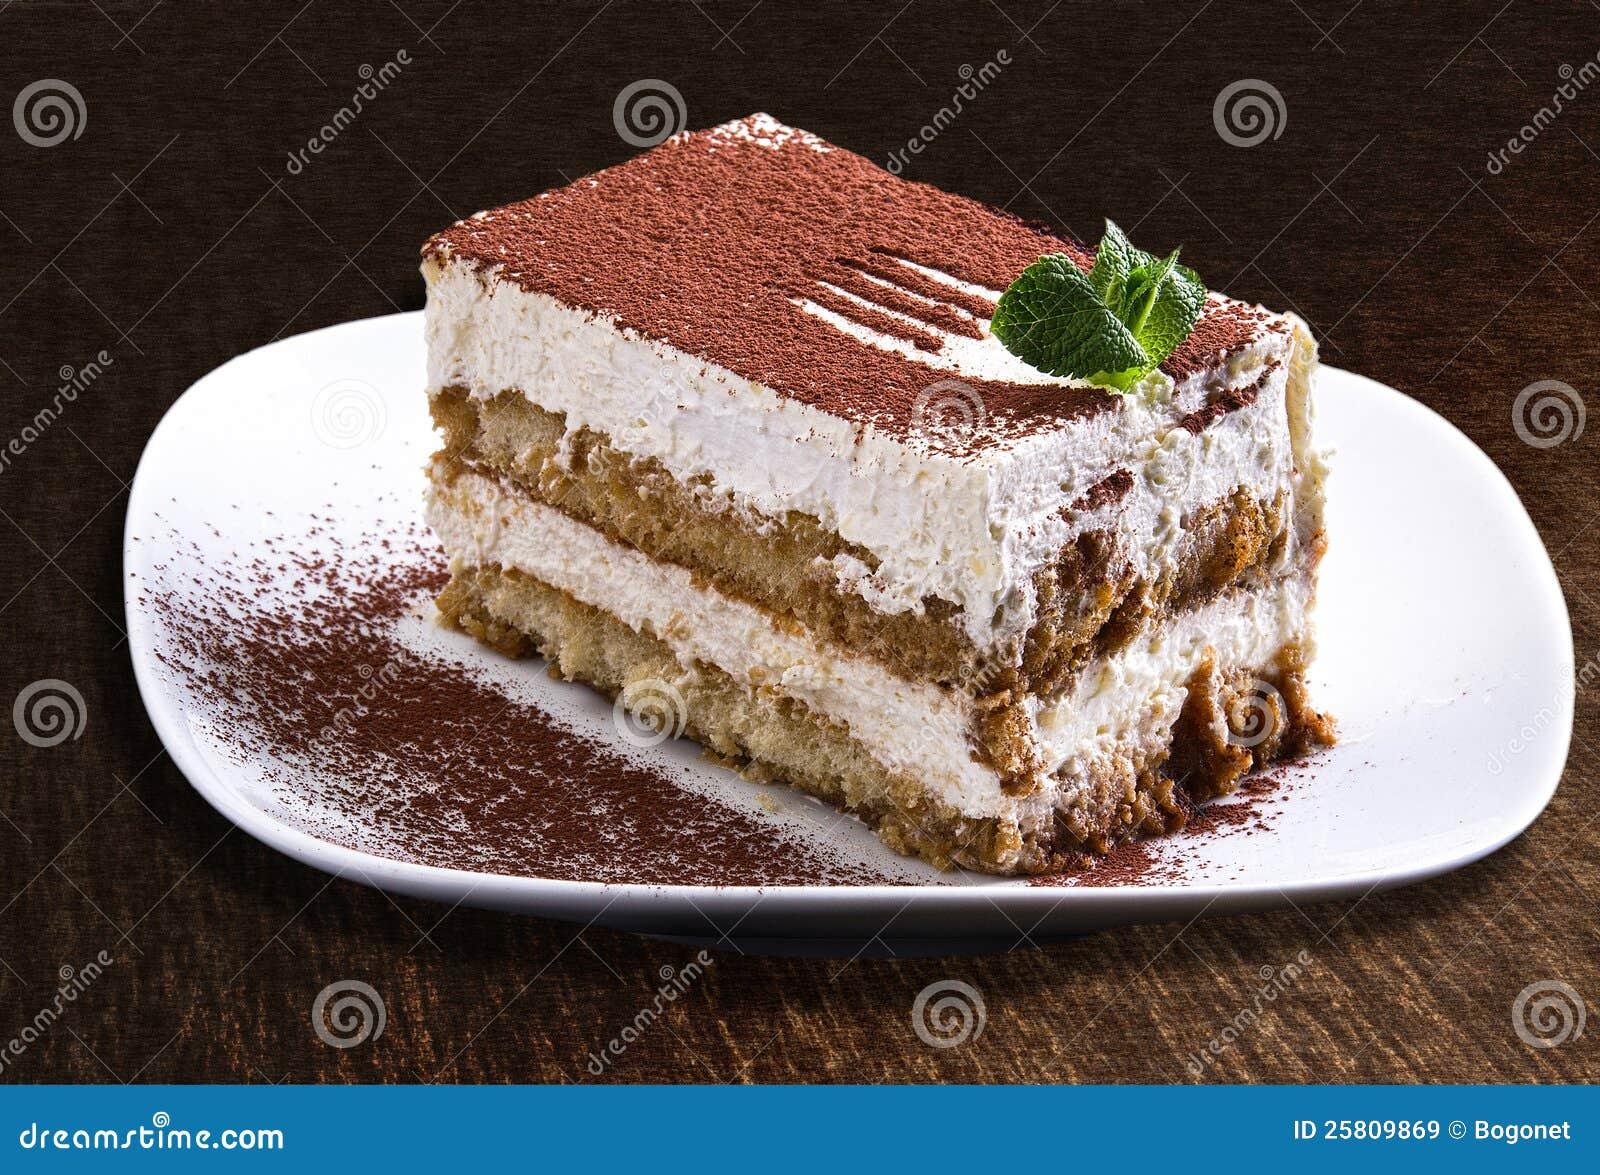 Tiramisu Kuchen Stockbild Bild Von Schokolade Sahne 25809869